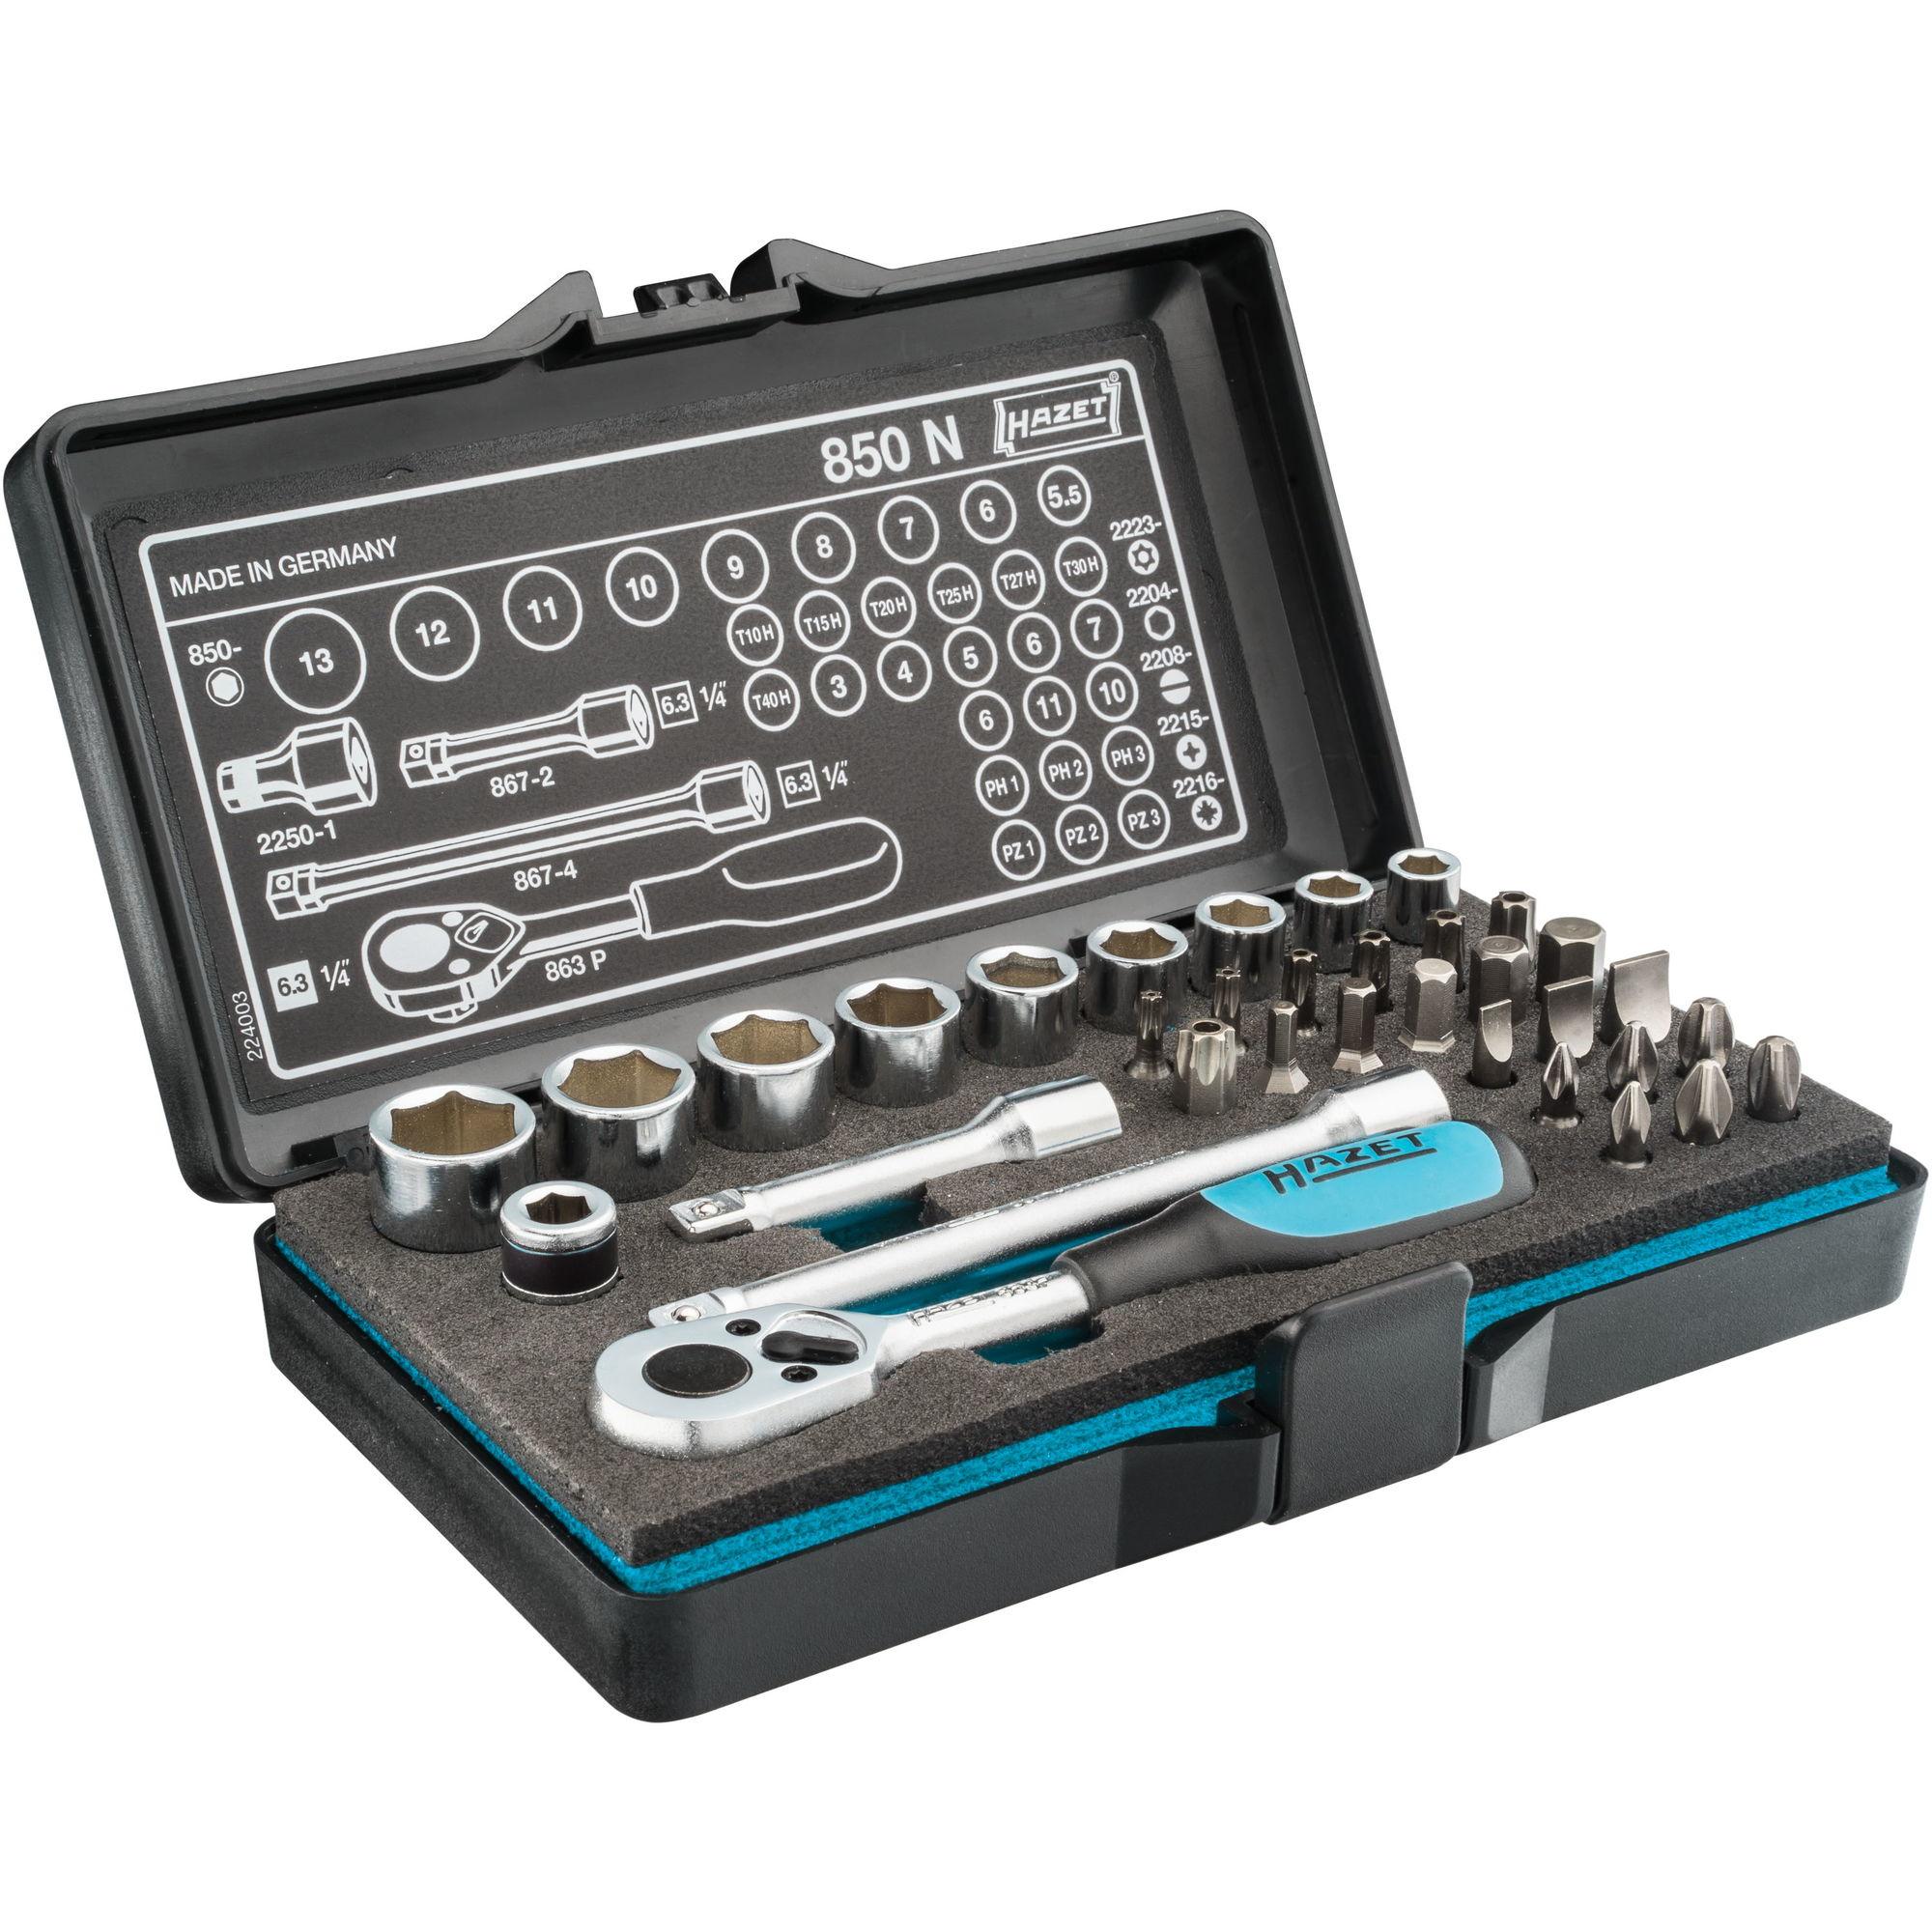 HAZET Profi-Steckschlüssel- und Bitsatz 850N (Vierkant-/Sechskantantrieb, 1/4 Zoll 34-teilig, Umschaltknarre HAZET 863P